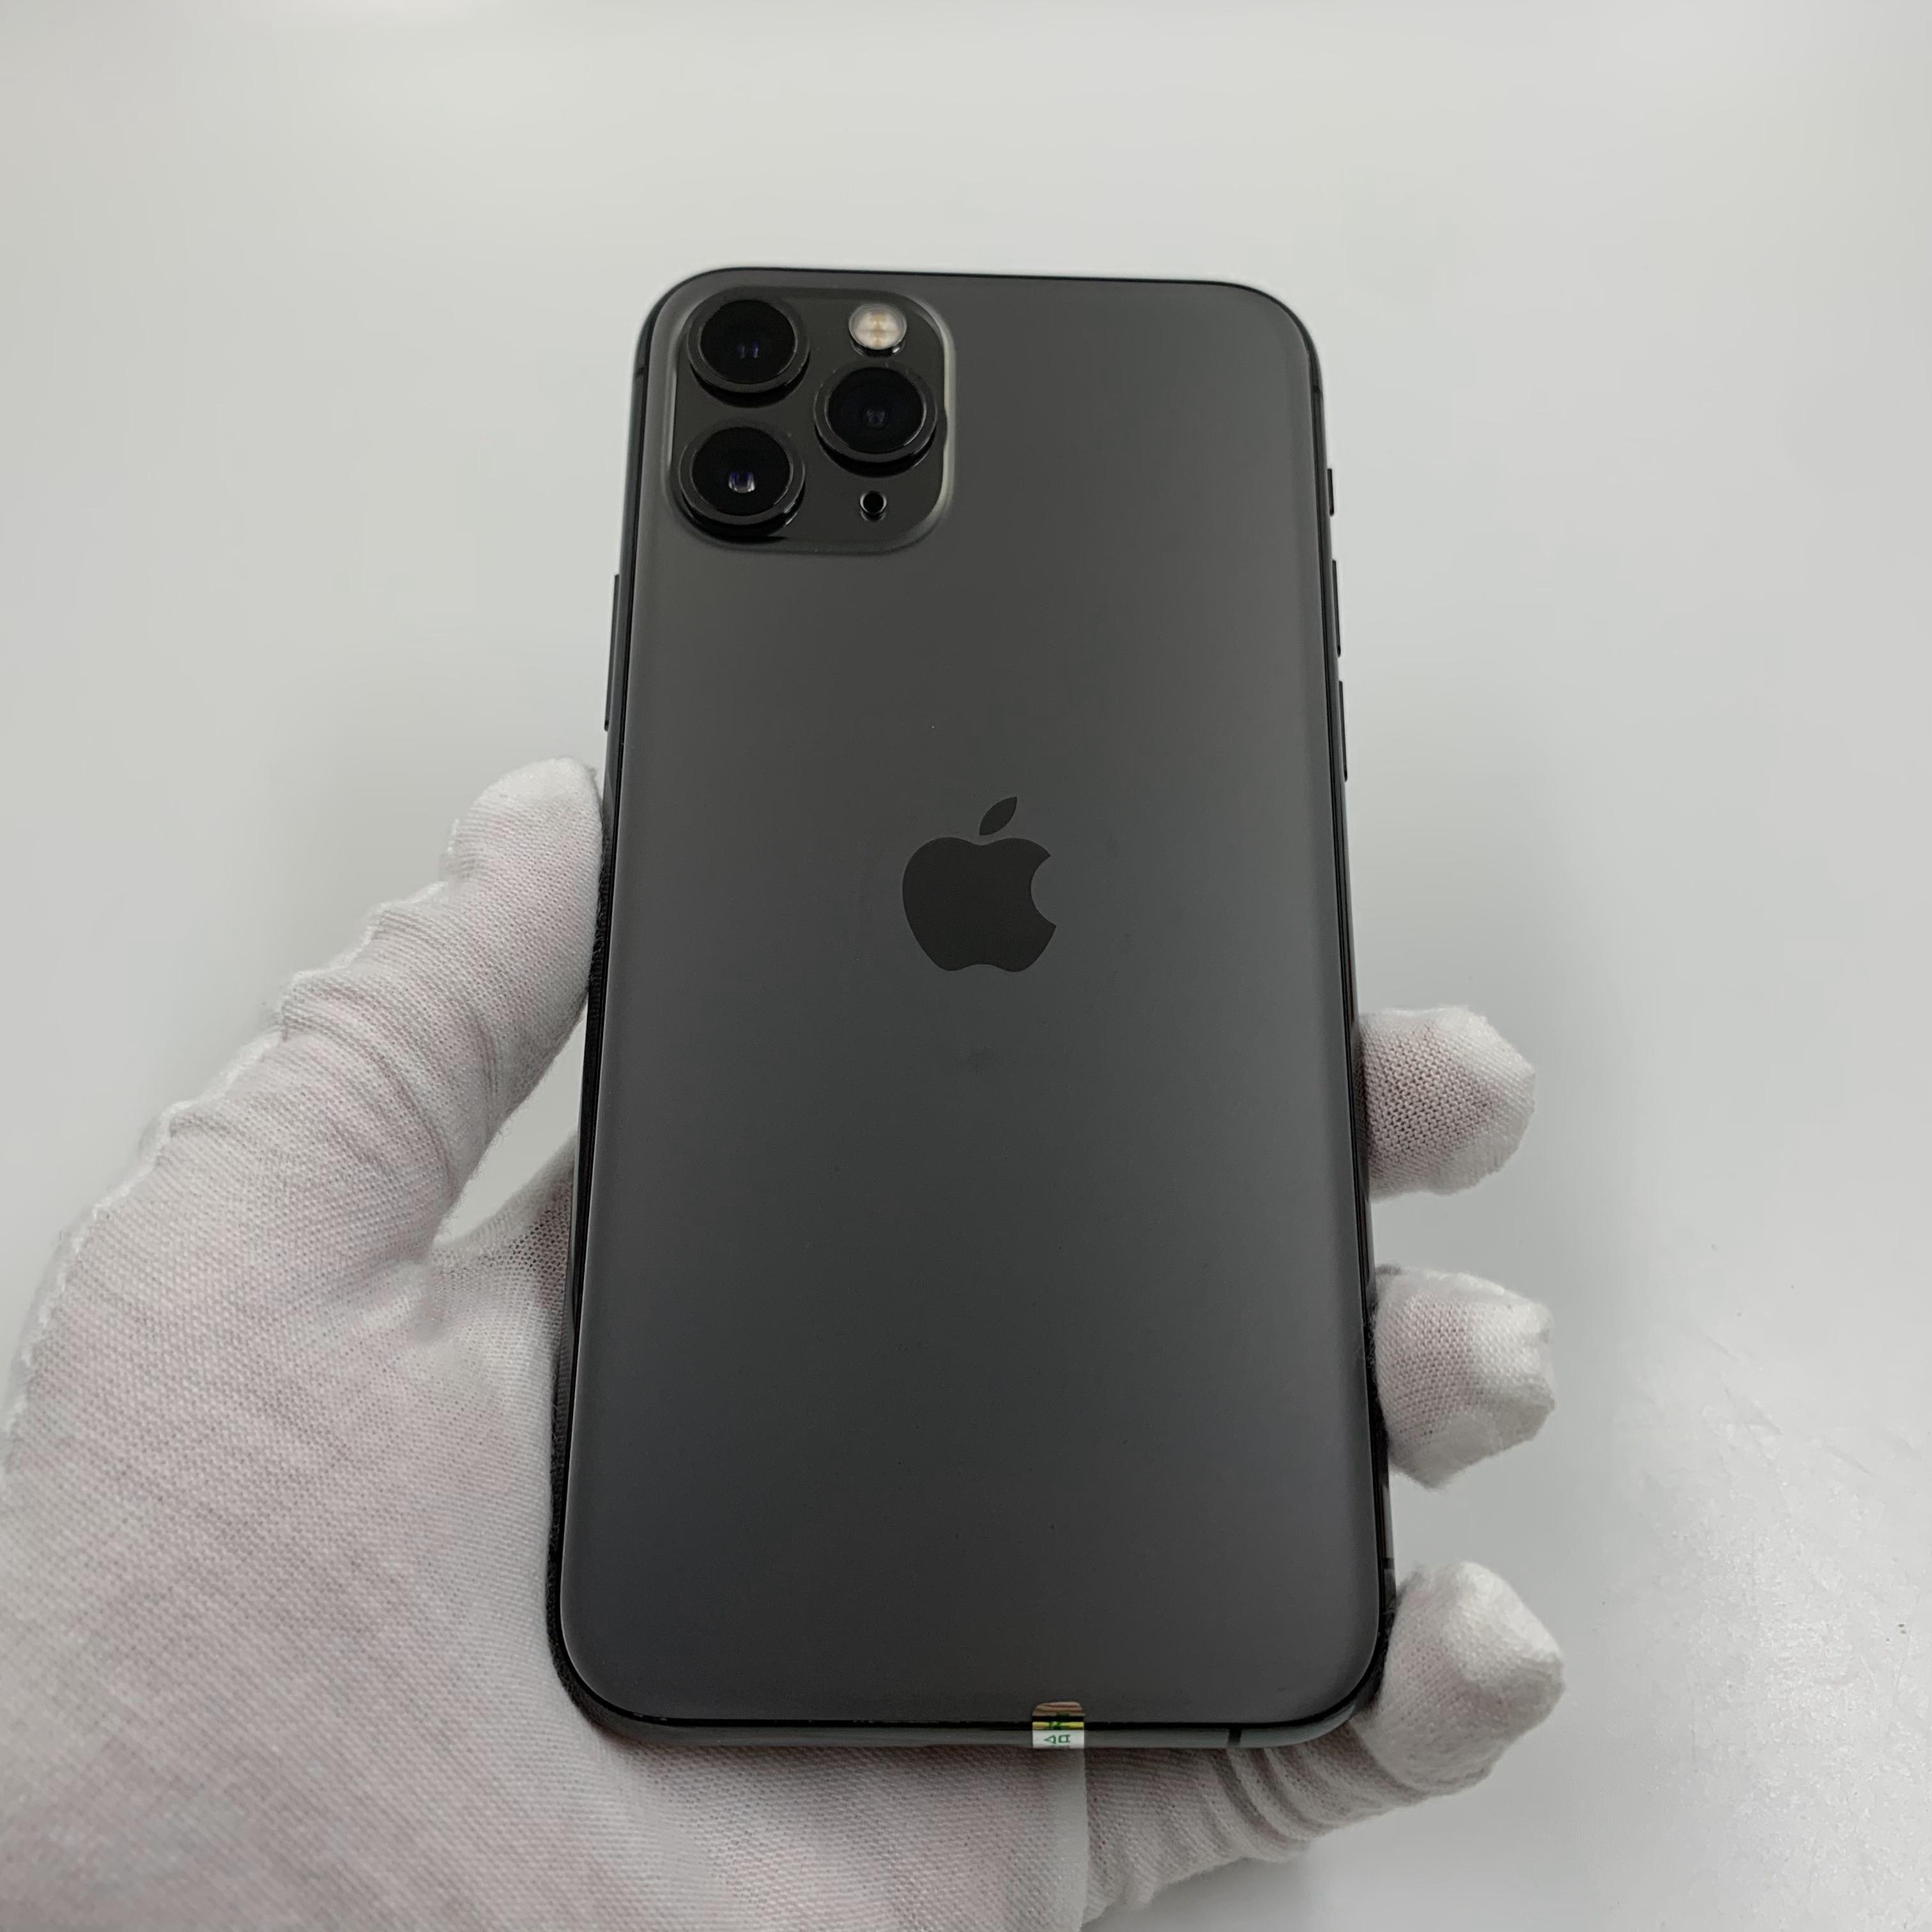 苹果【iPhone 11 Pro】4G全网通 深空灰 256G 国行 95新 真机实拍